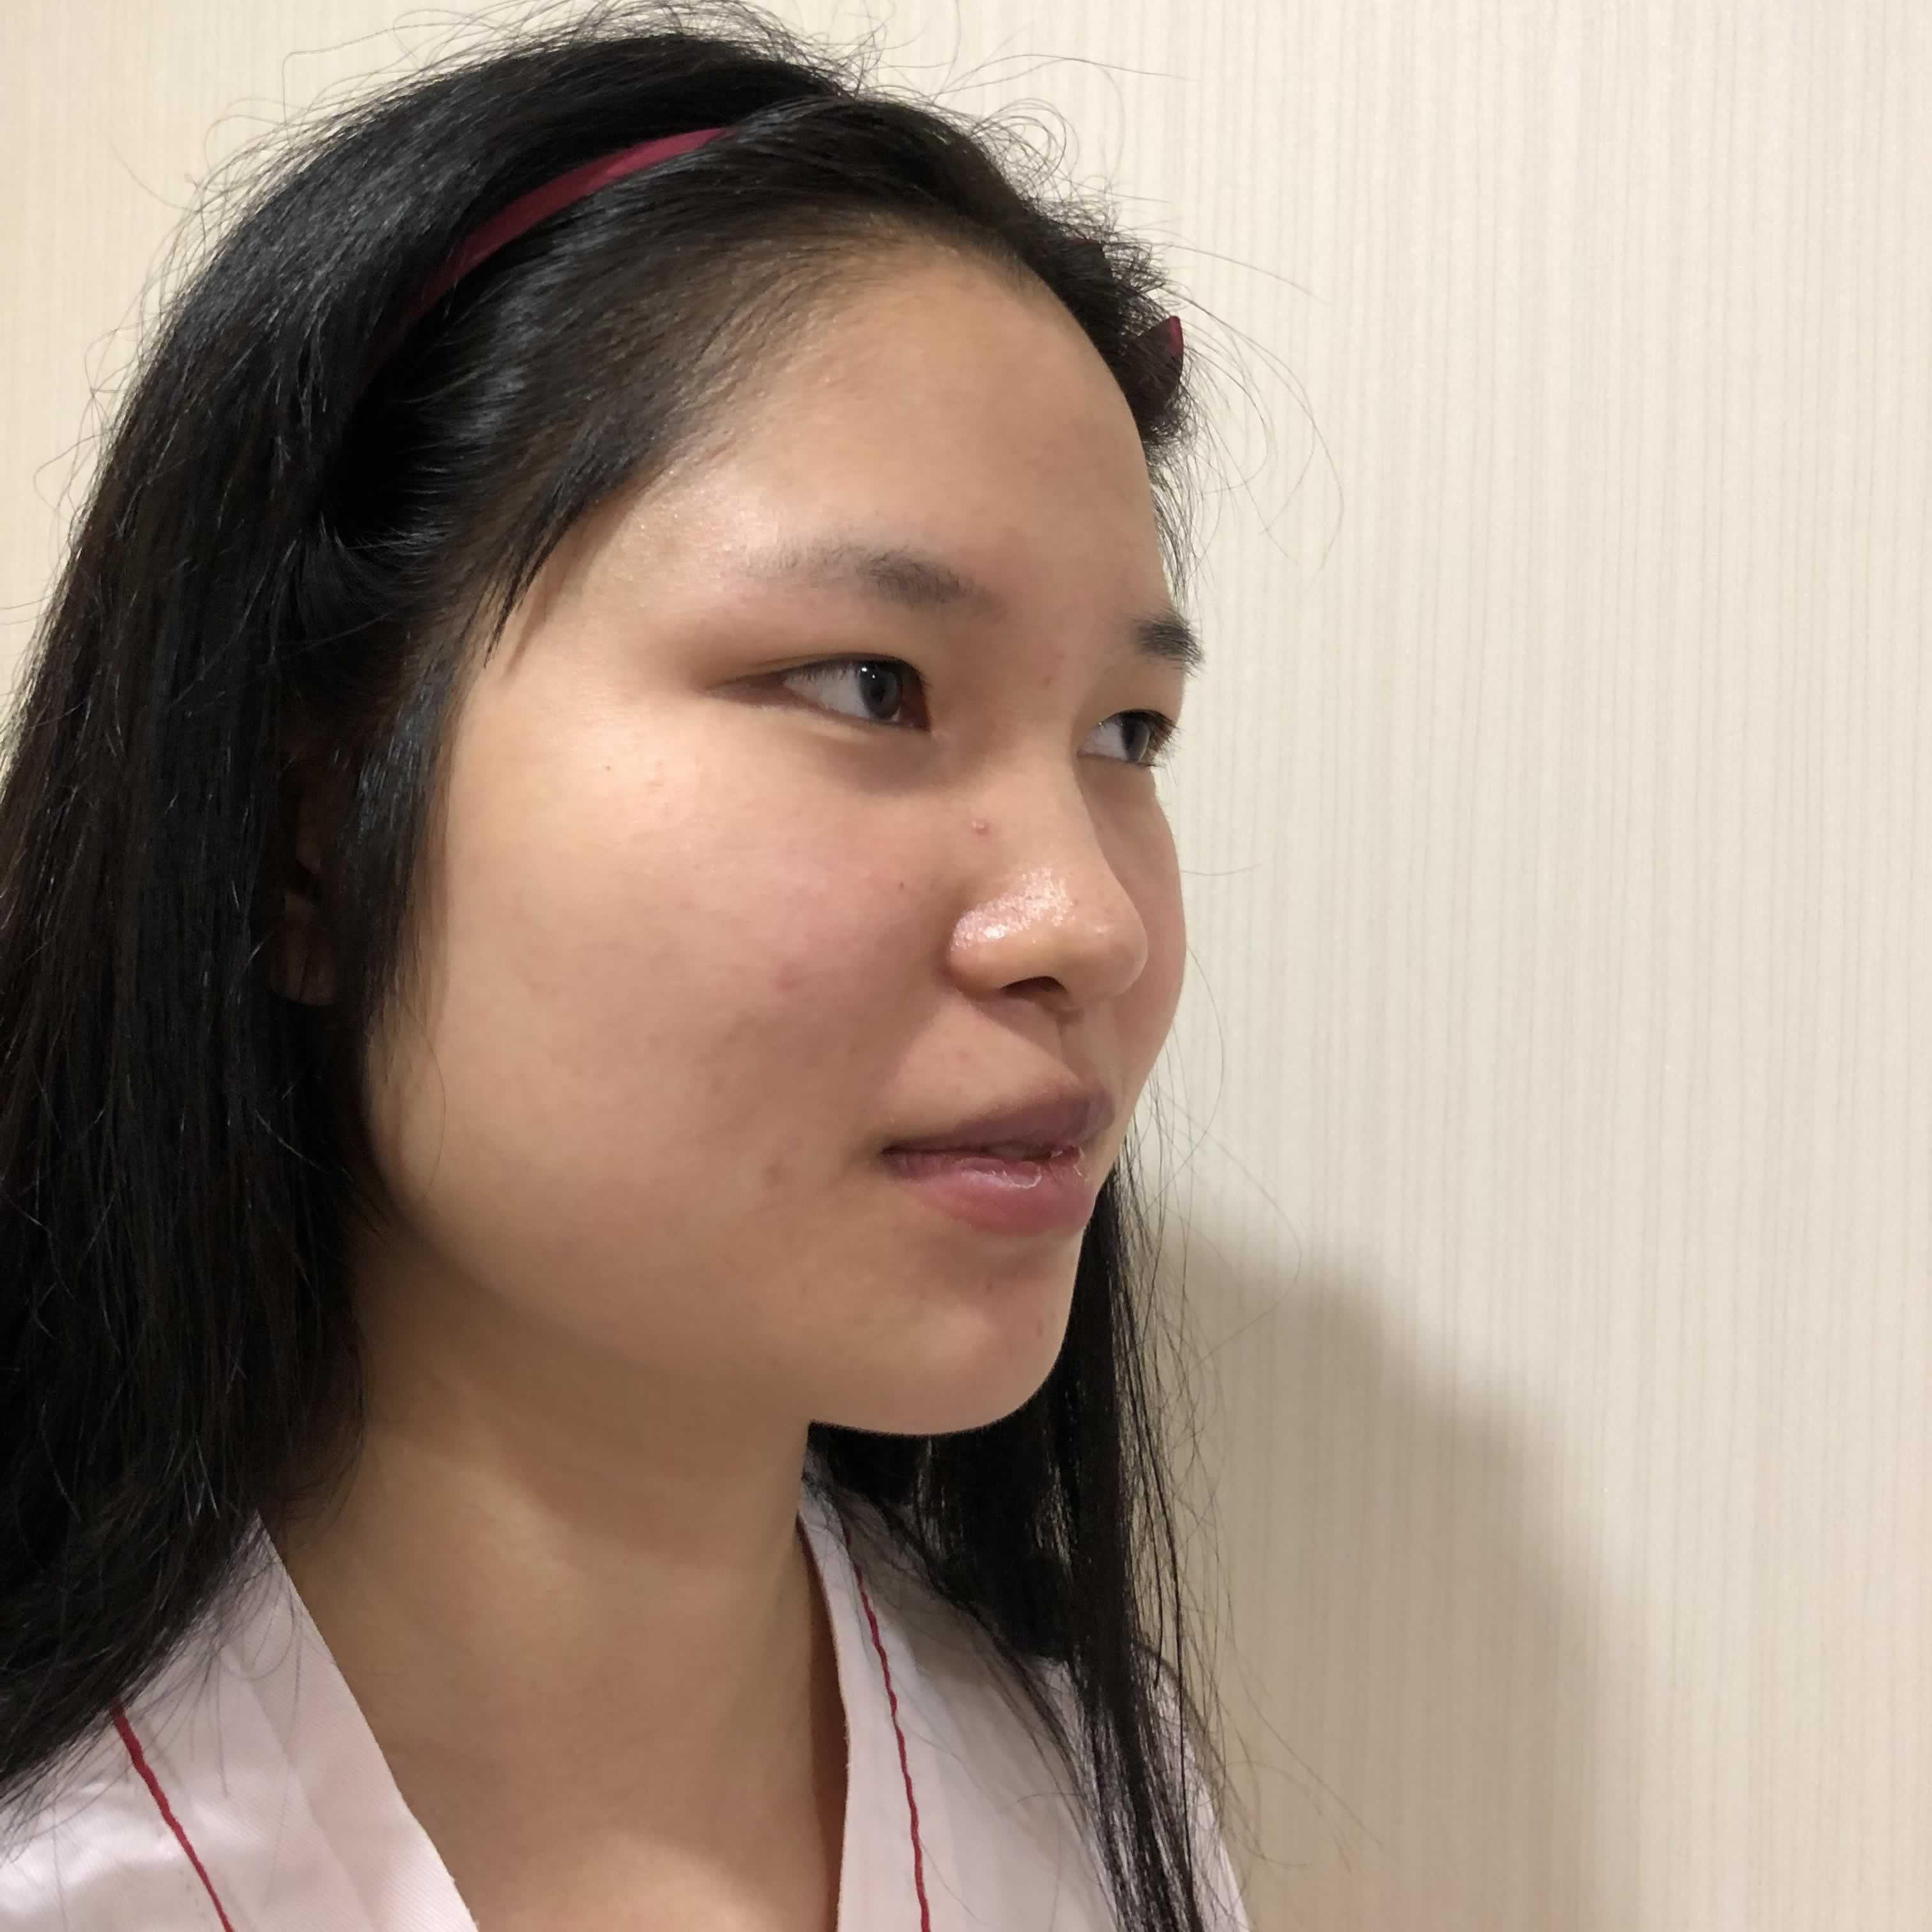 我的软肋骨隆鼻效果照片怎么样,遗憾没能预约到上海九院。